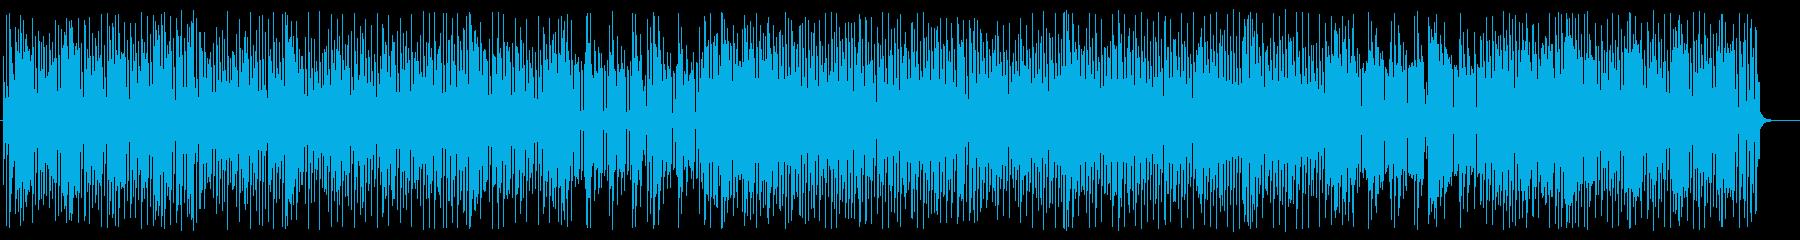 楽しげなシンセサイザードラムポップの再生済みの波形